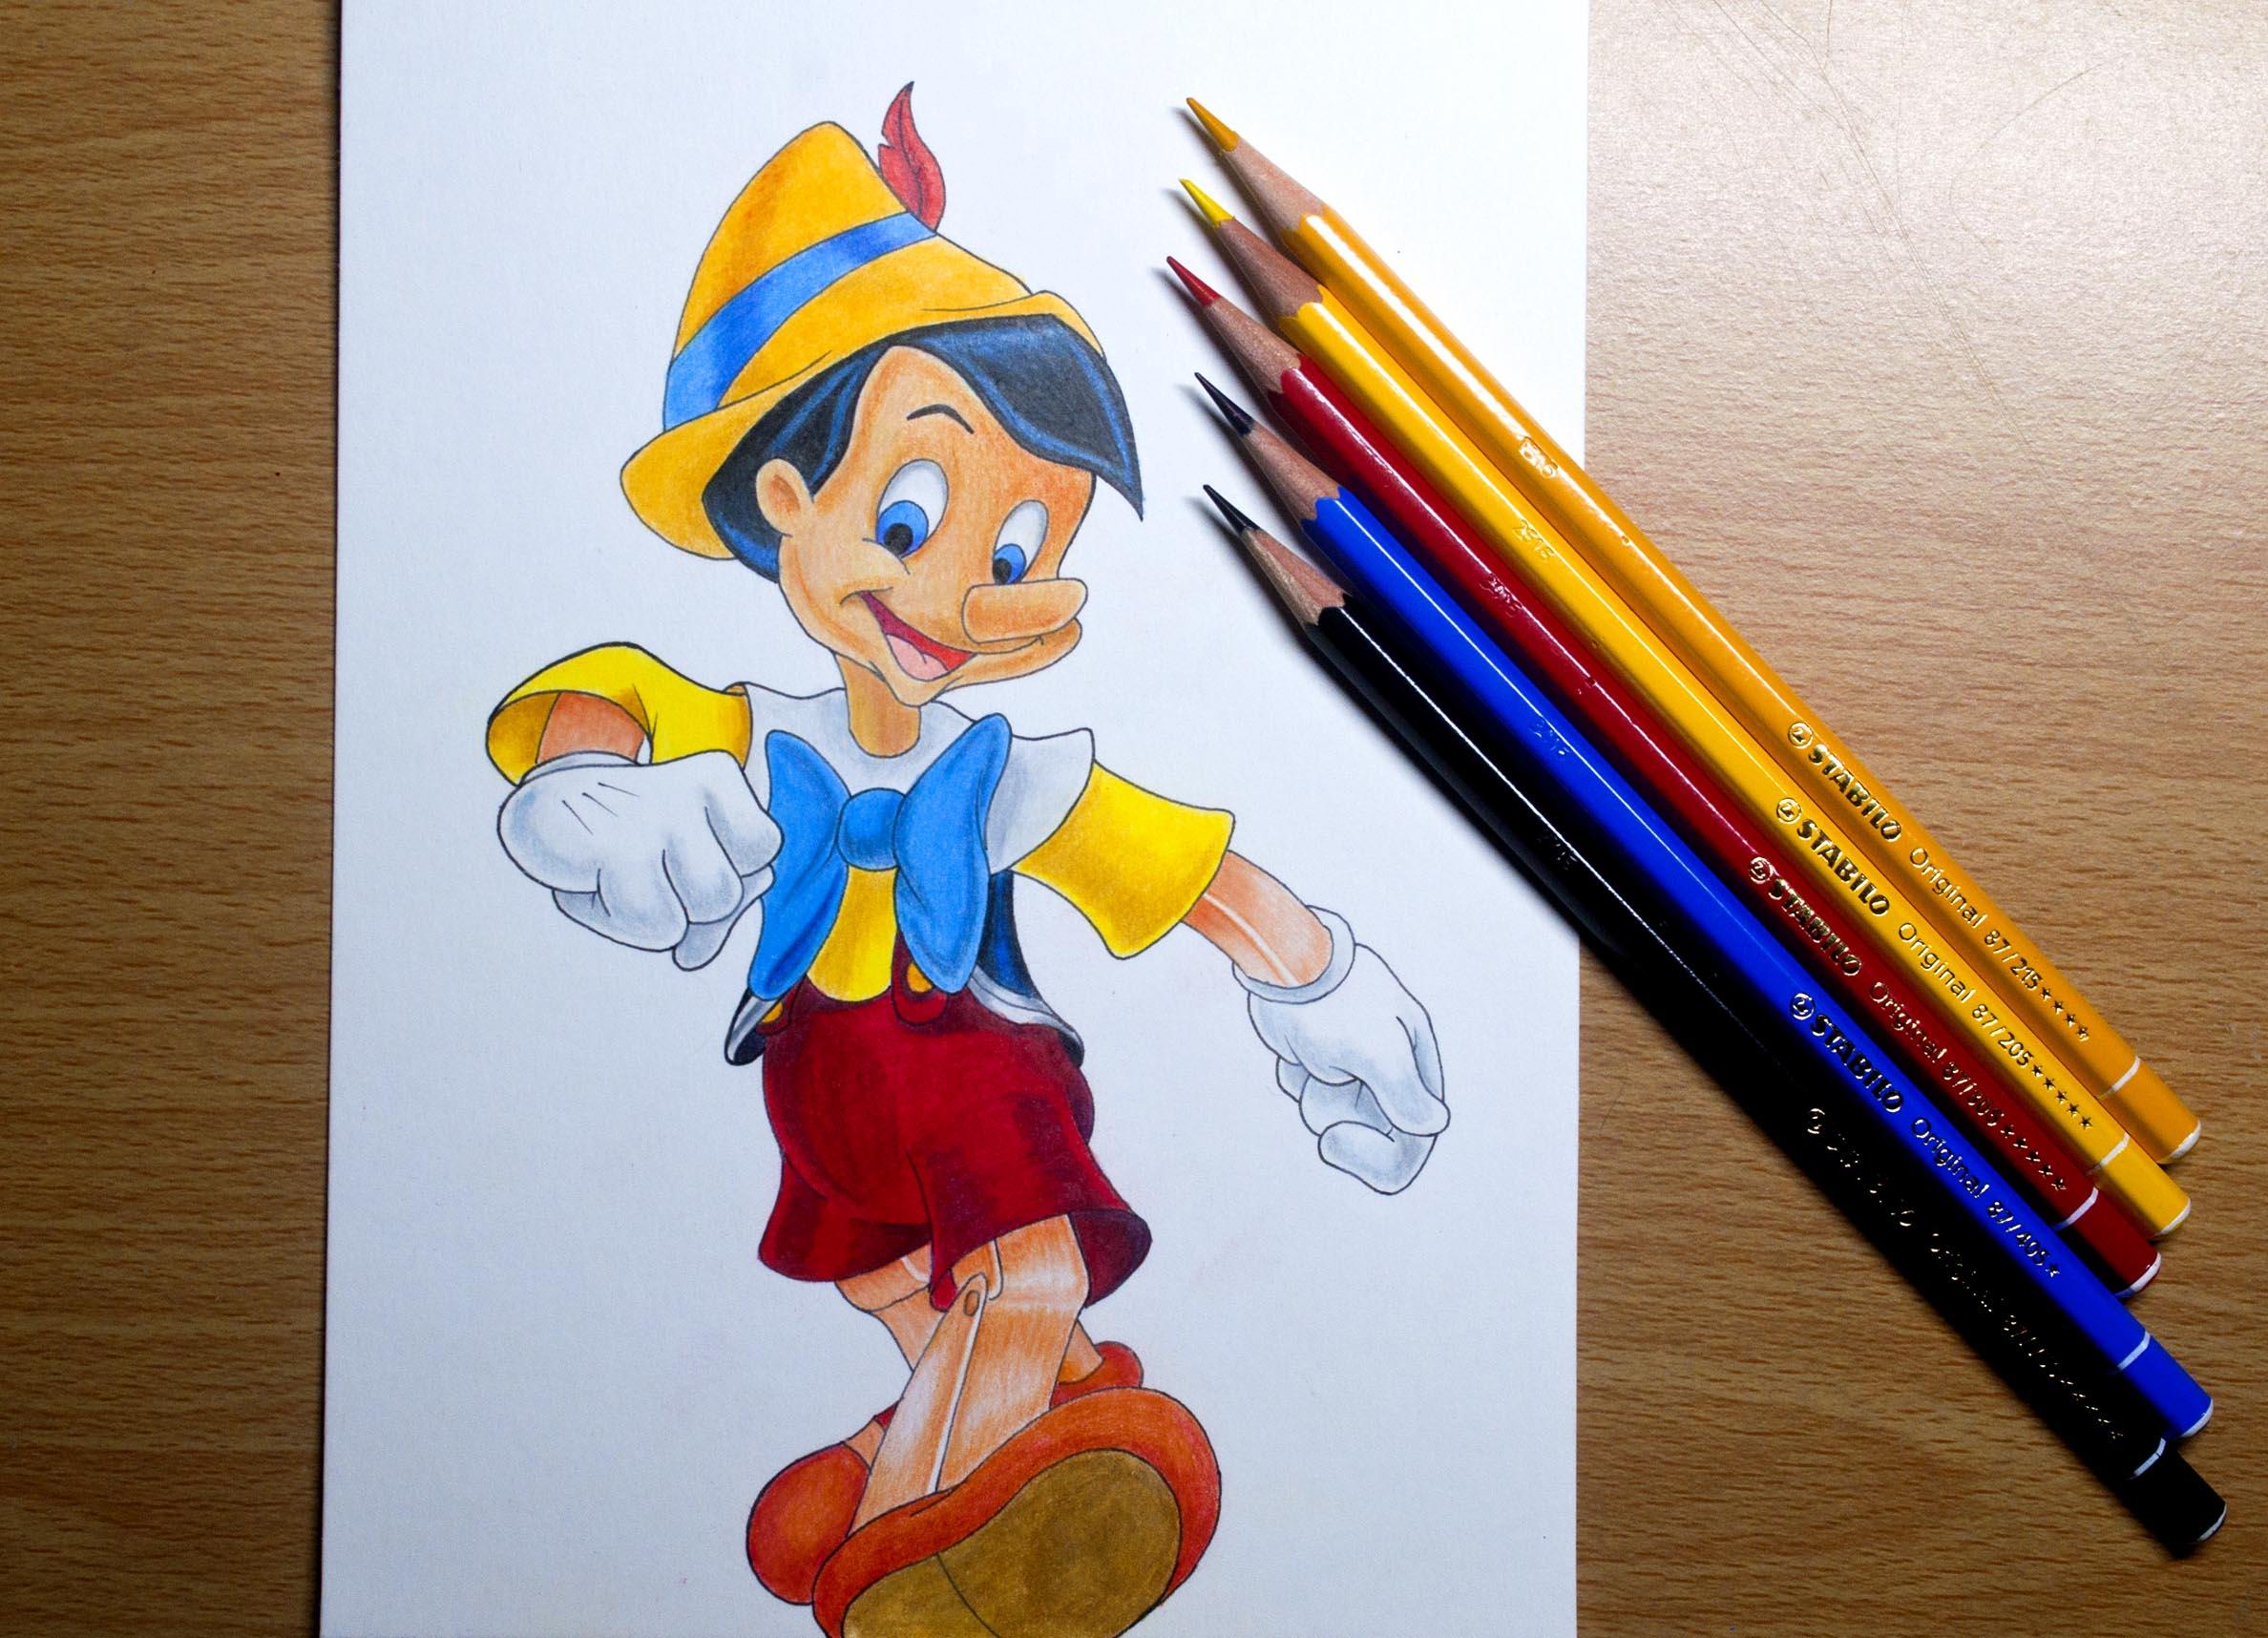 Pinohio With Stabilo Pencils.jpg